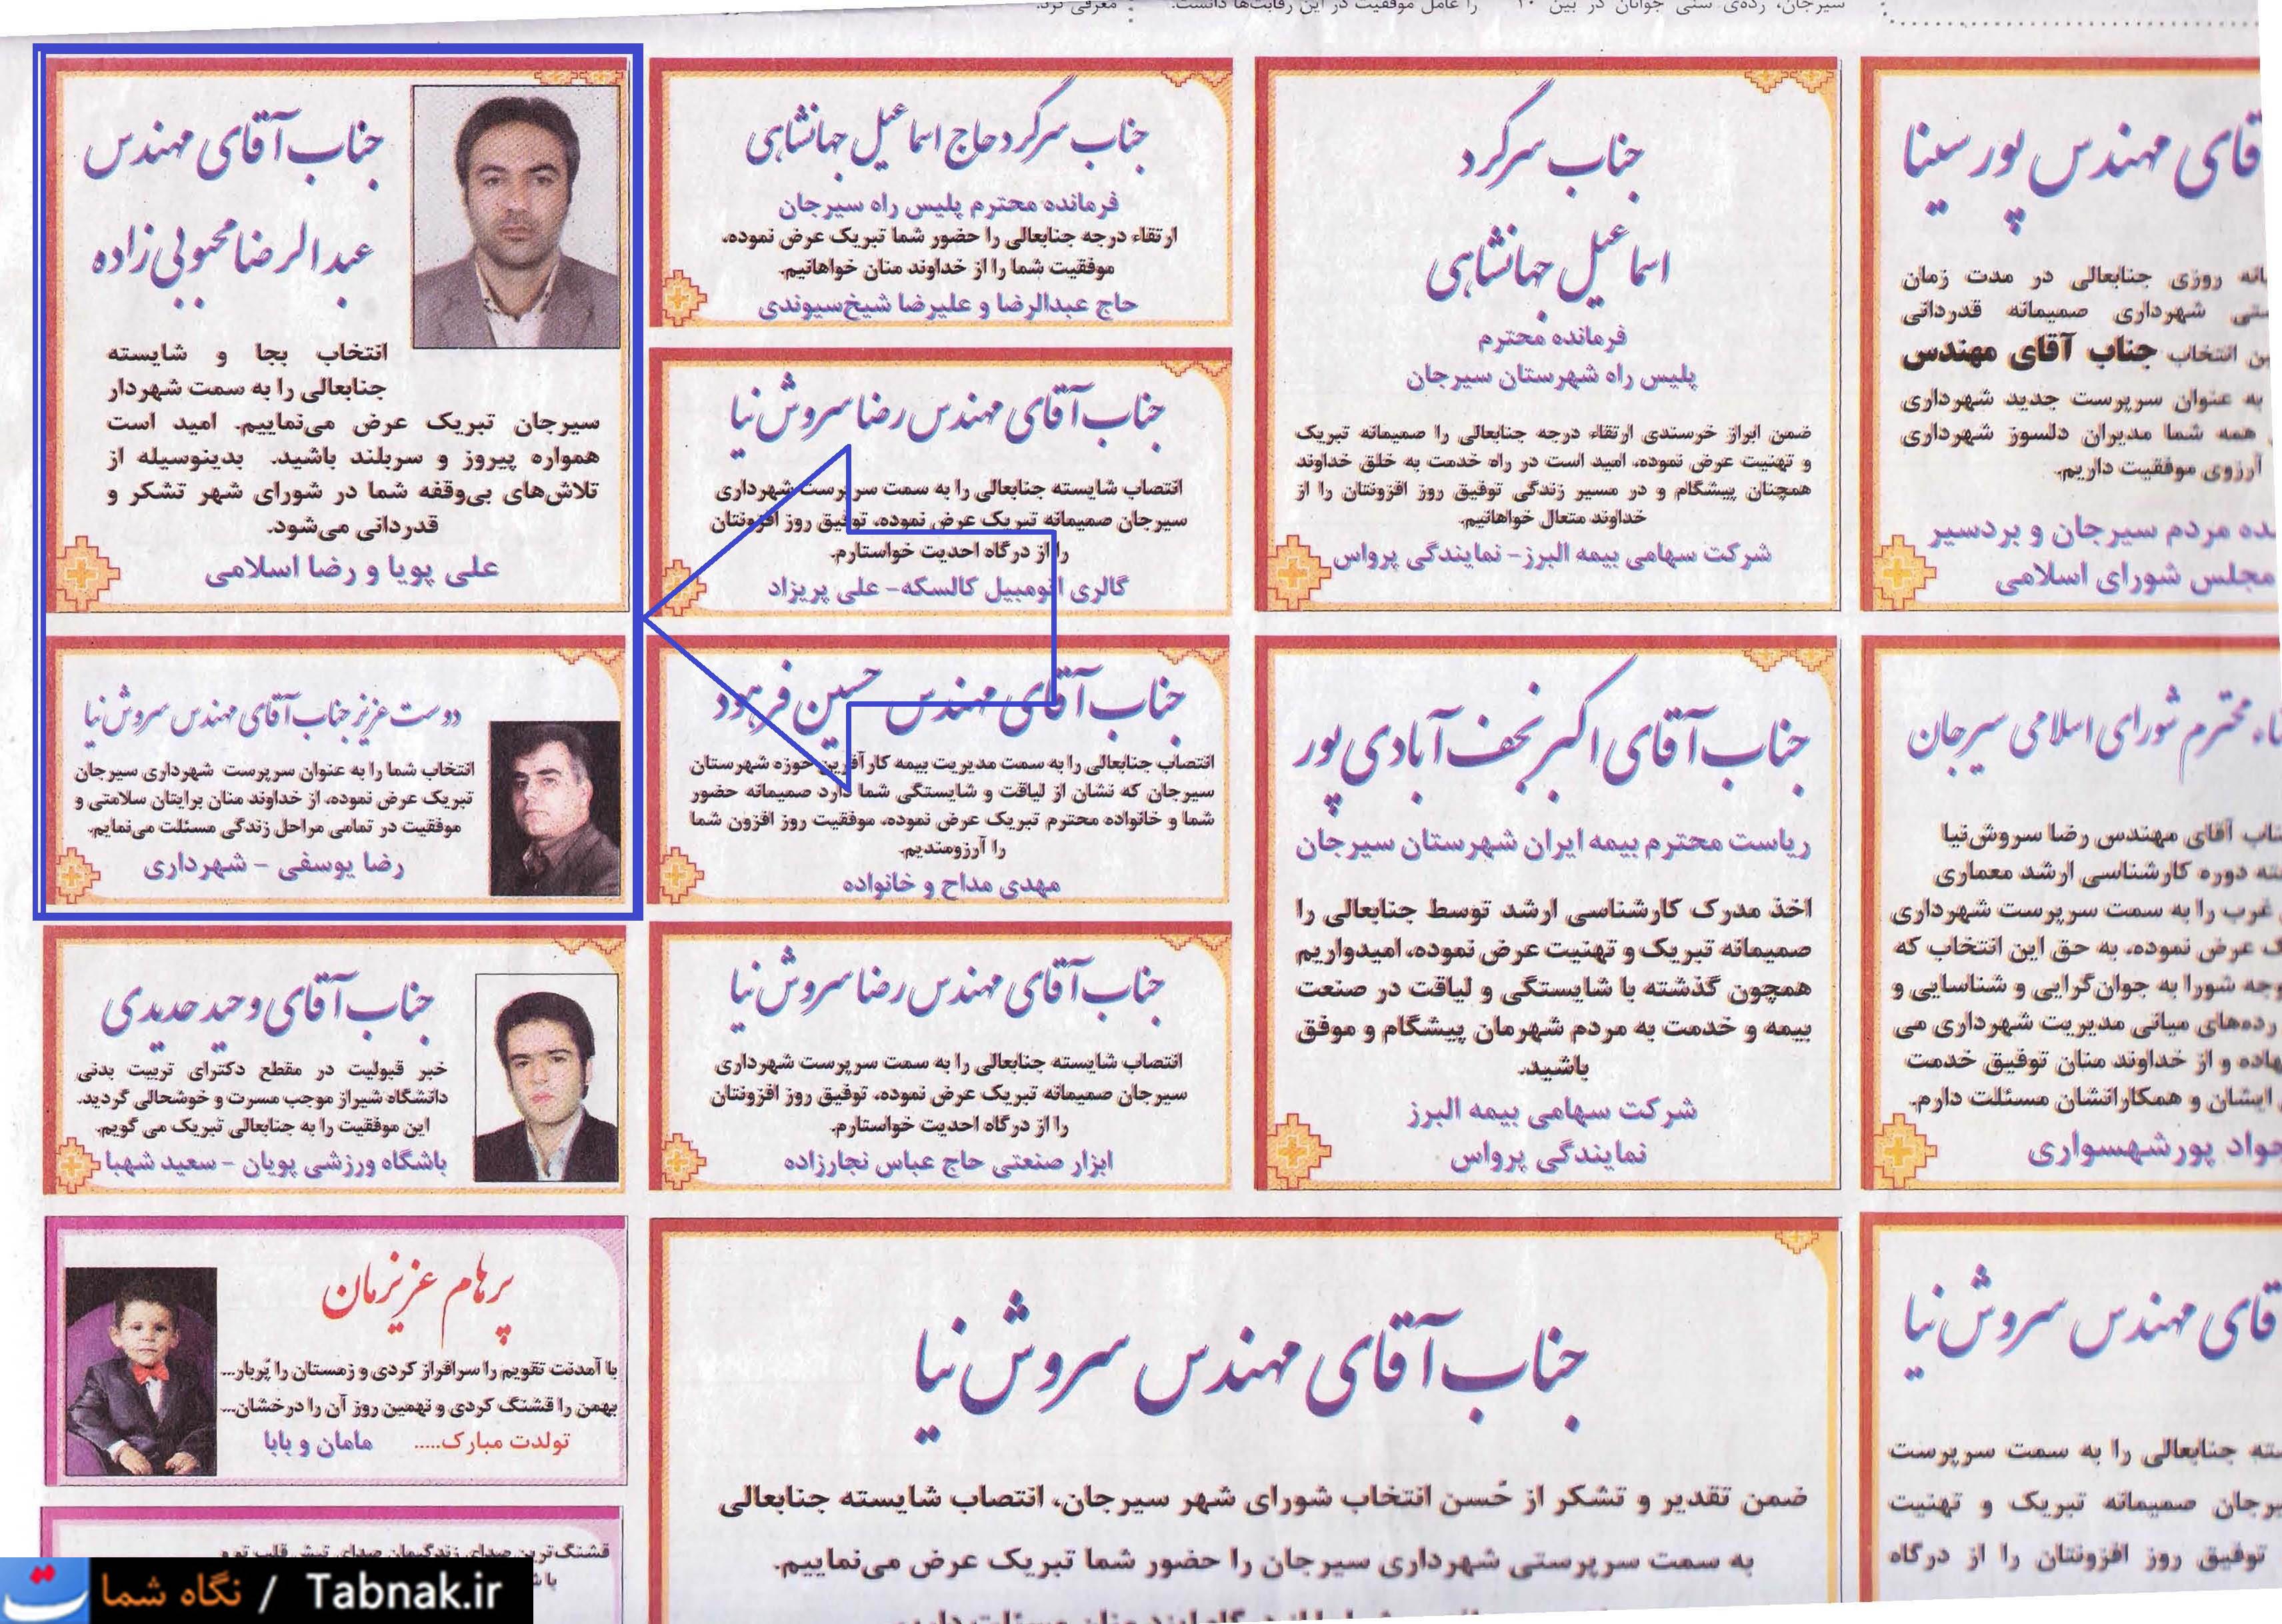 دانلود روزنامه نگارستان سیرجان